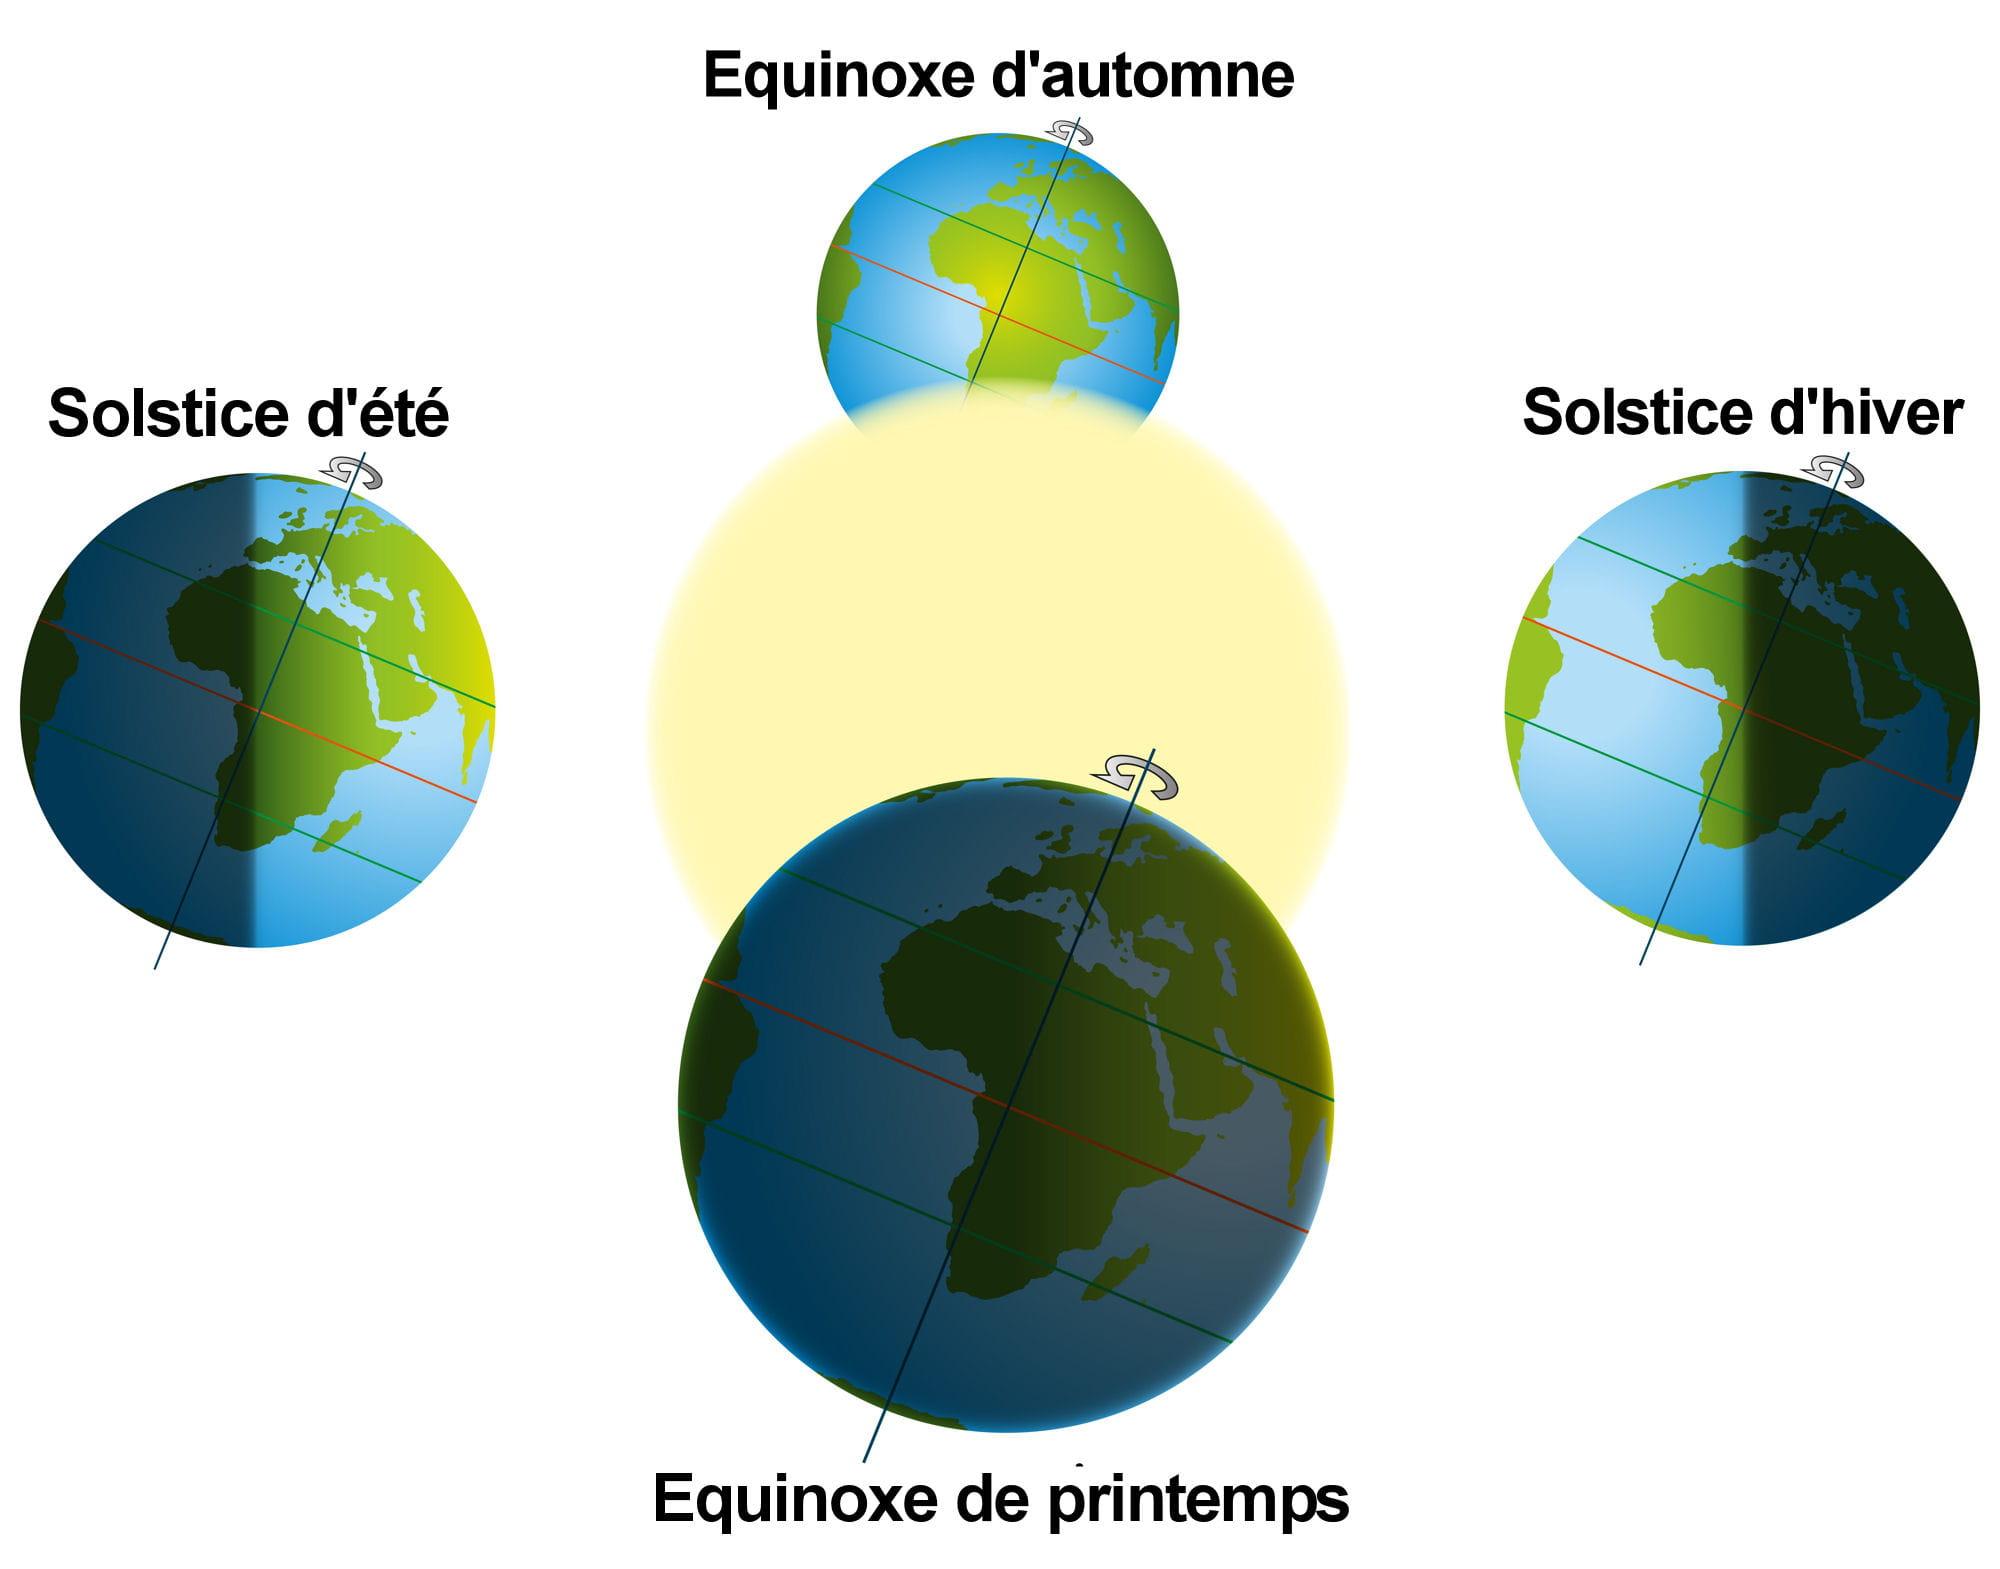 """Solstice d'hiver : heure, """"grande conjonction""""... Tout comprendre"""